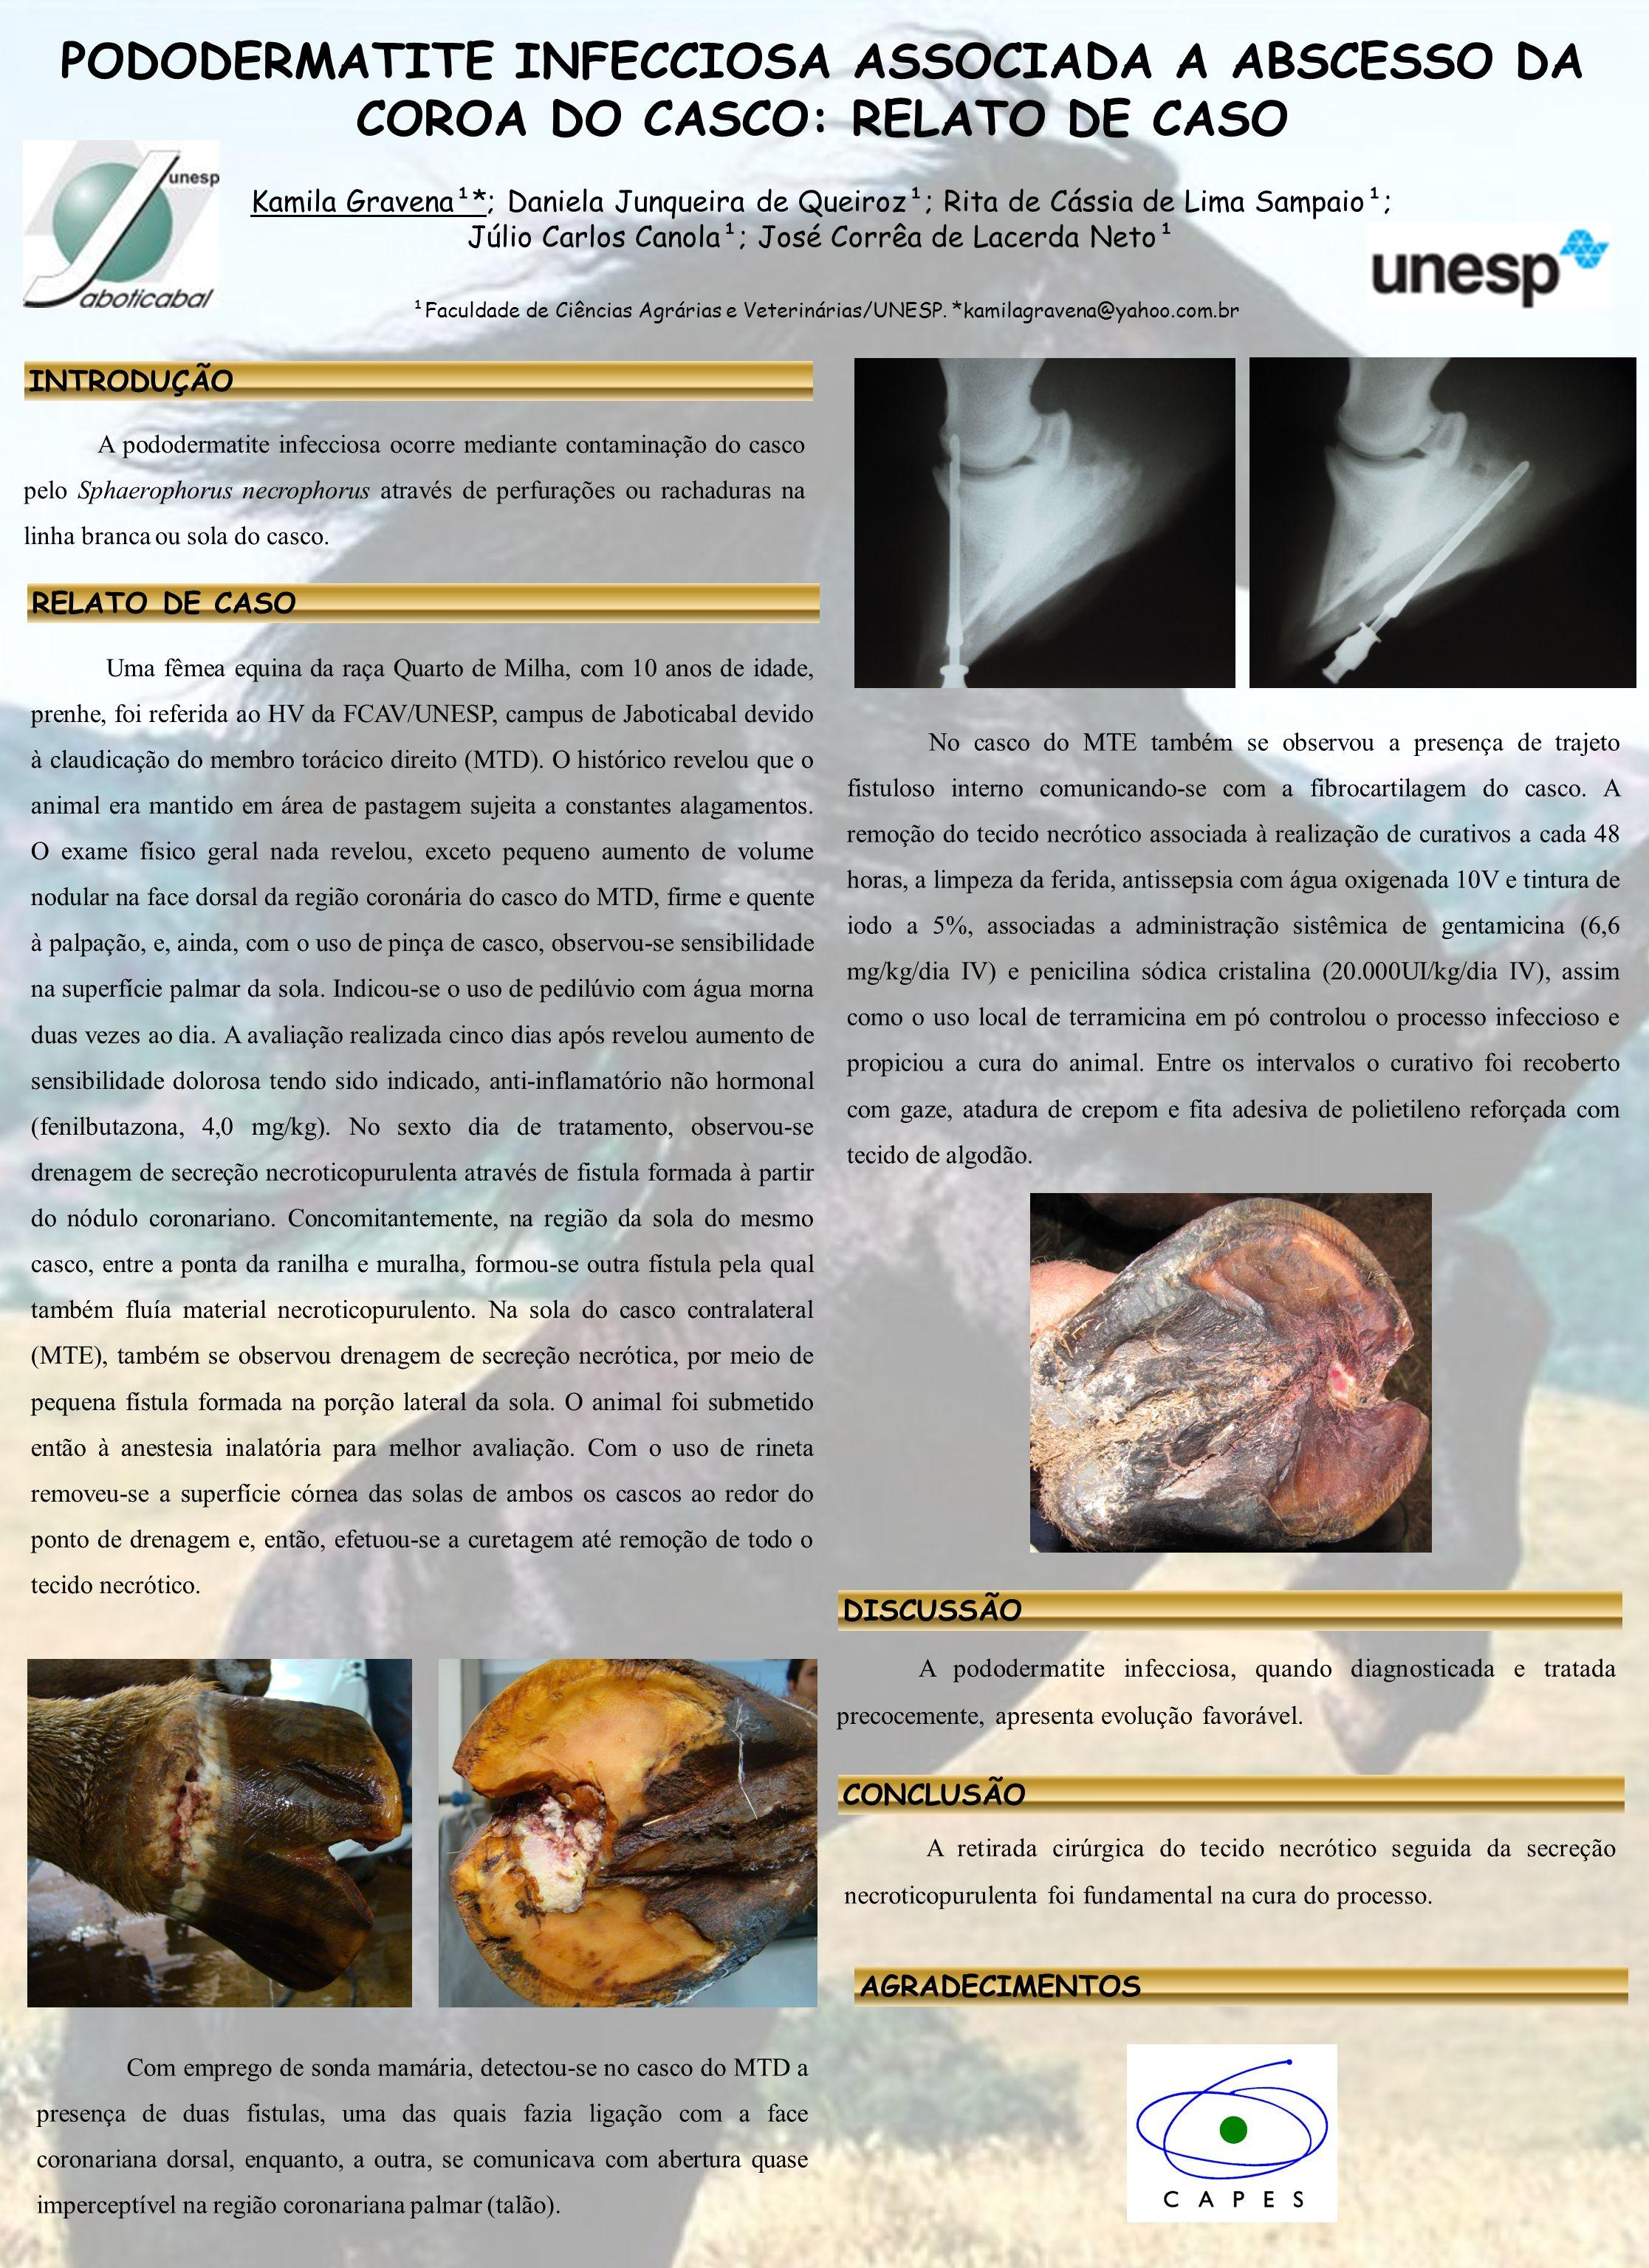 PODODERMATITE INFECCIOSA ASSOCIADA A ABSCESSO DA COROA DO CASCO: RELATO DE CASO